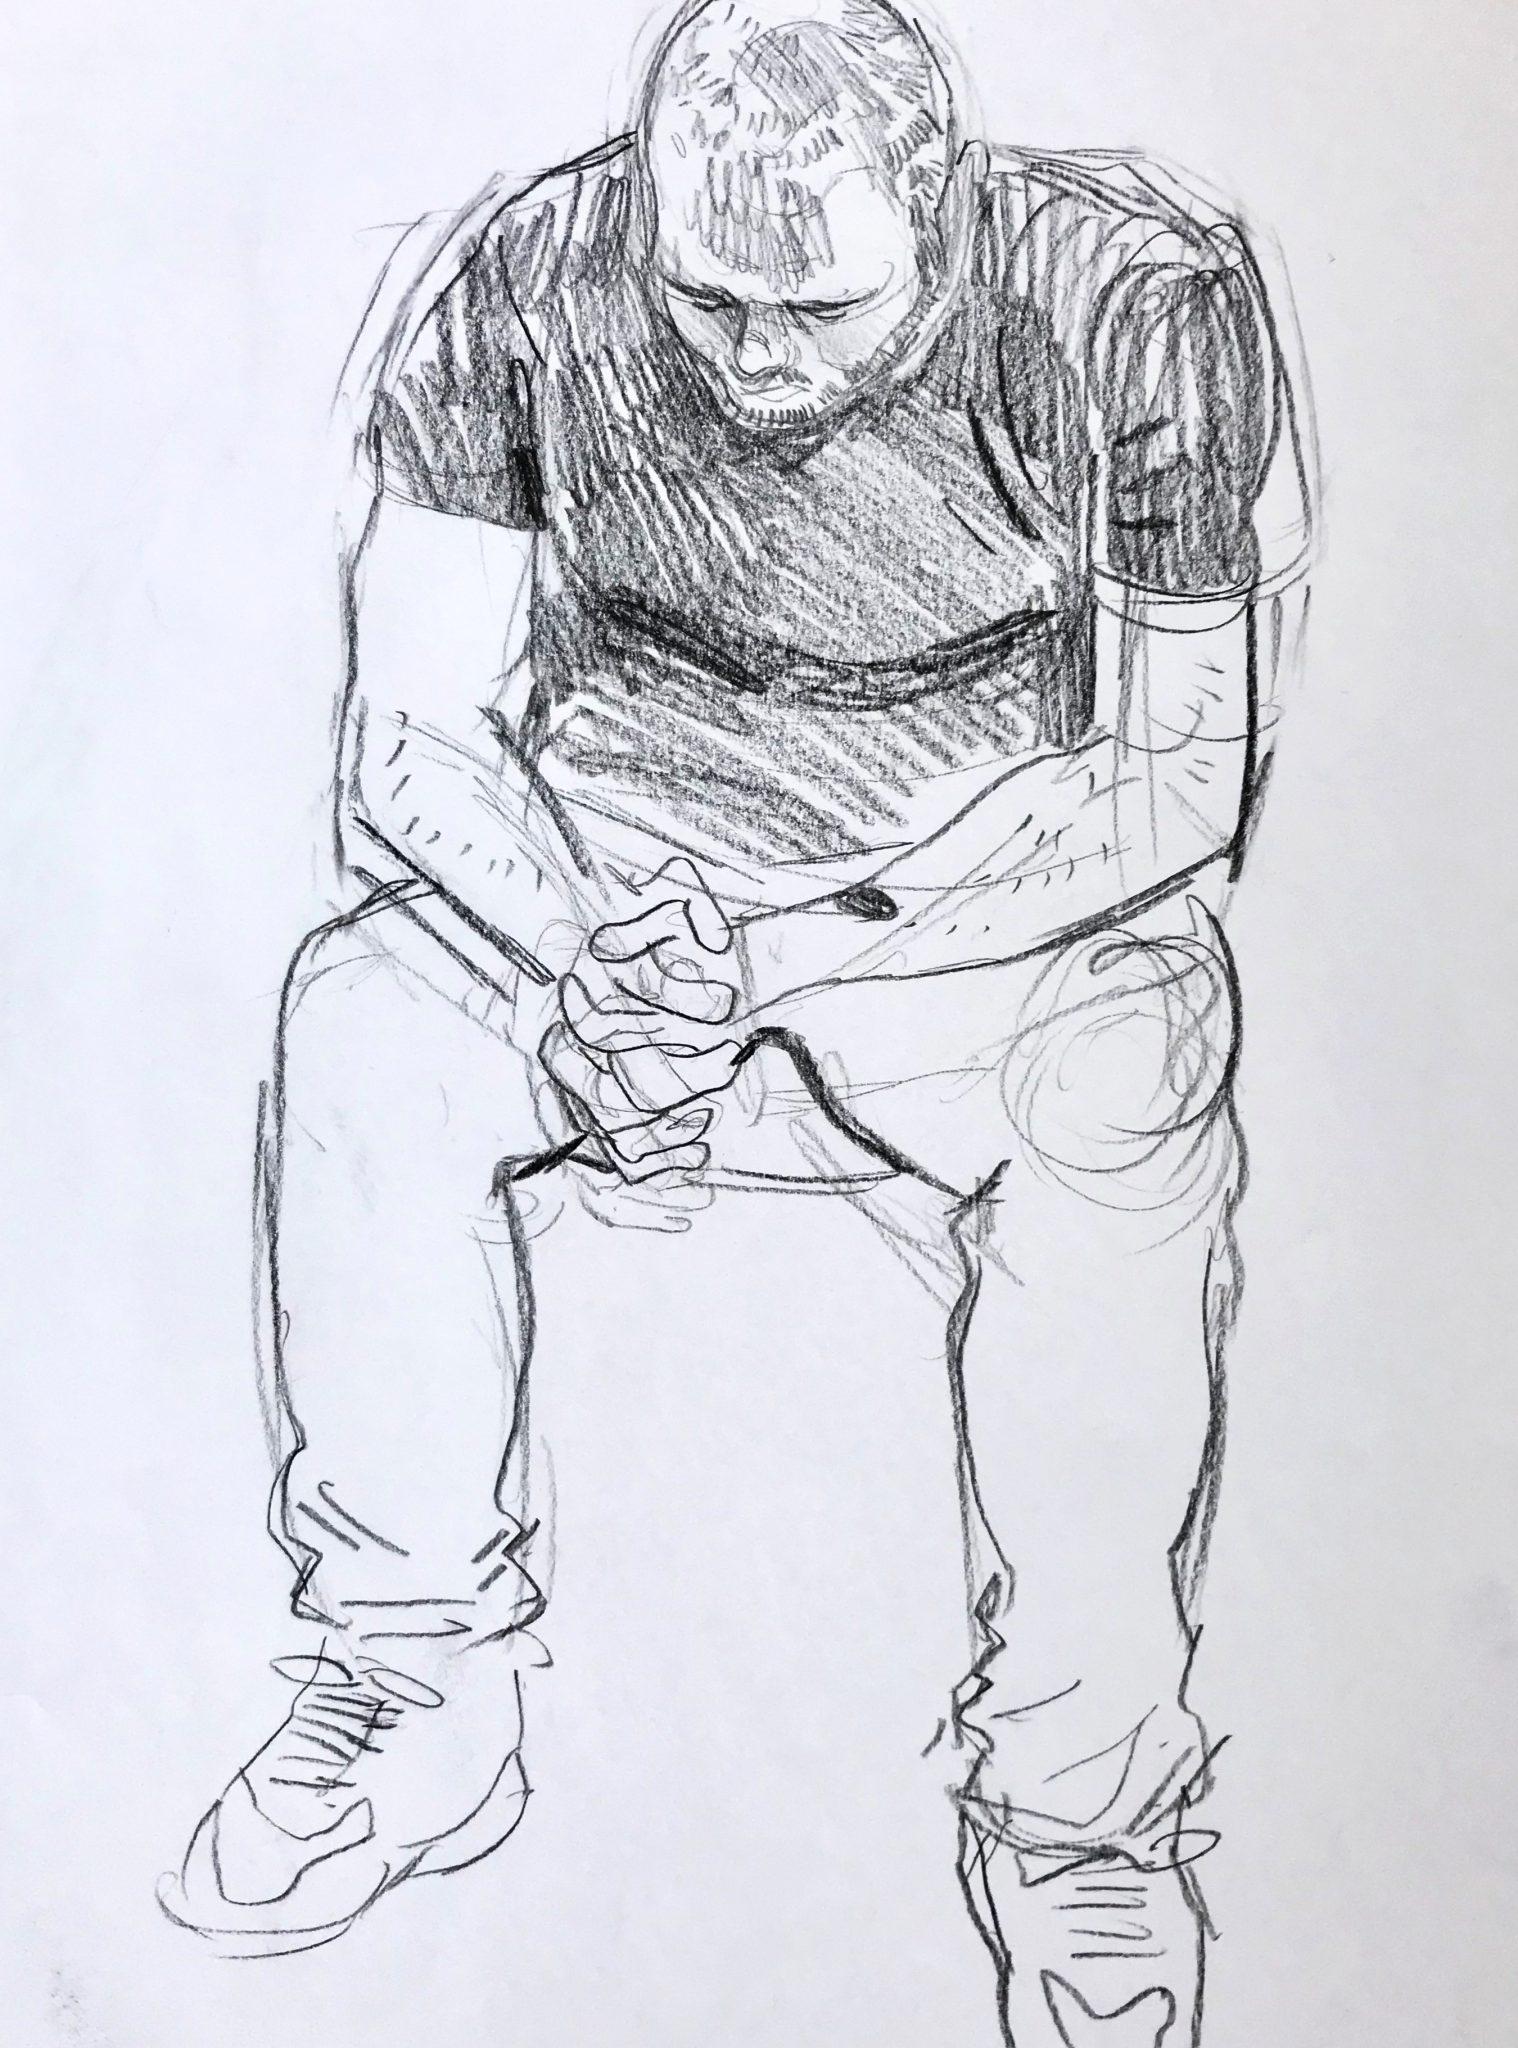 Buntstiftzeichnung von einem jungen Mann